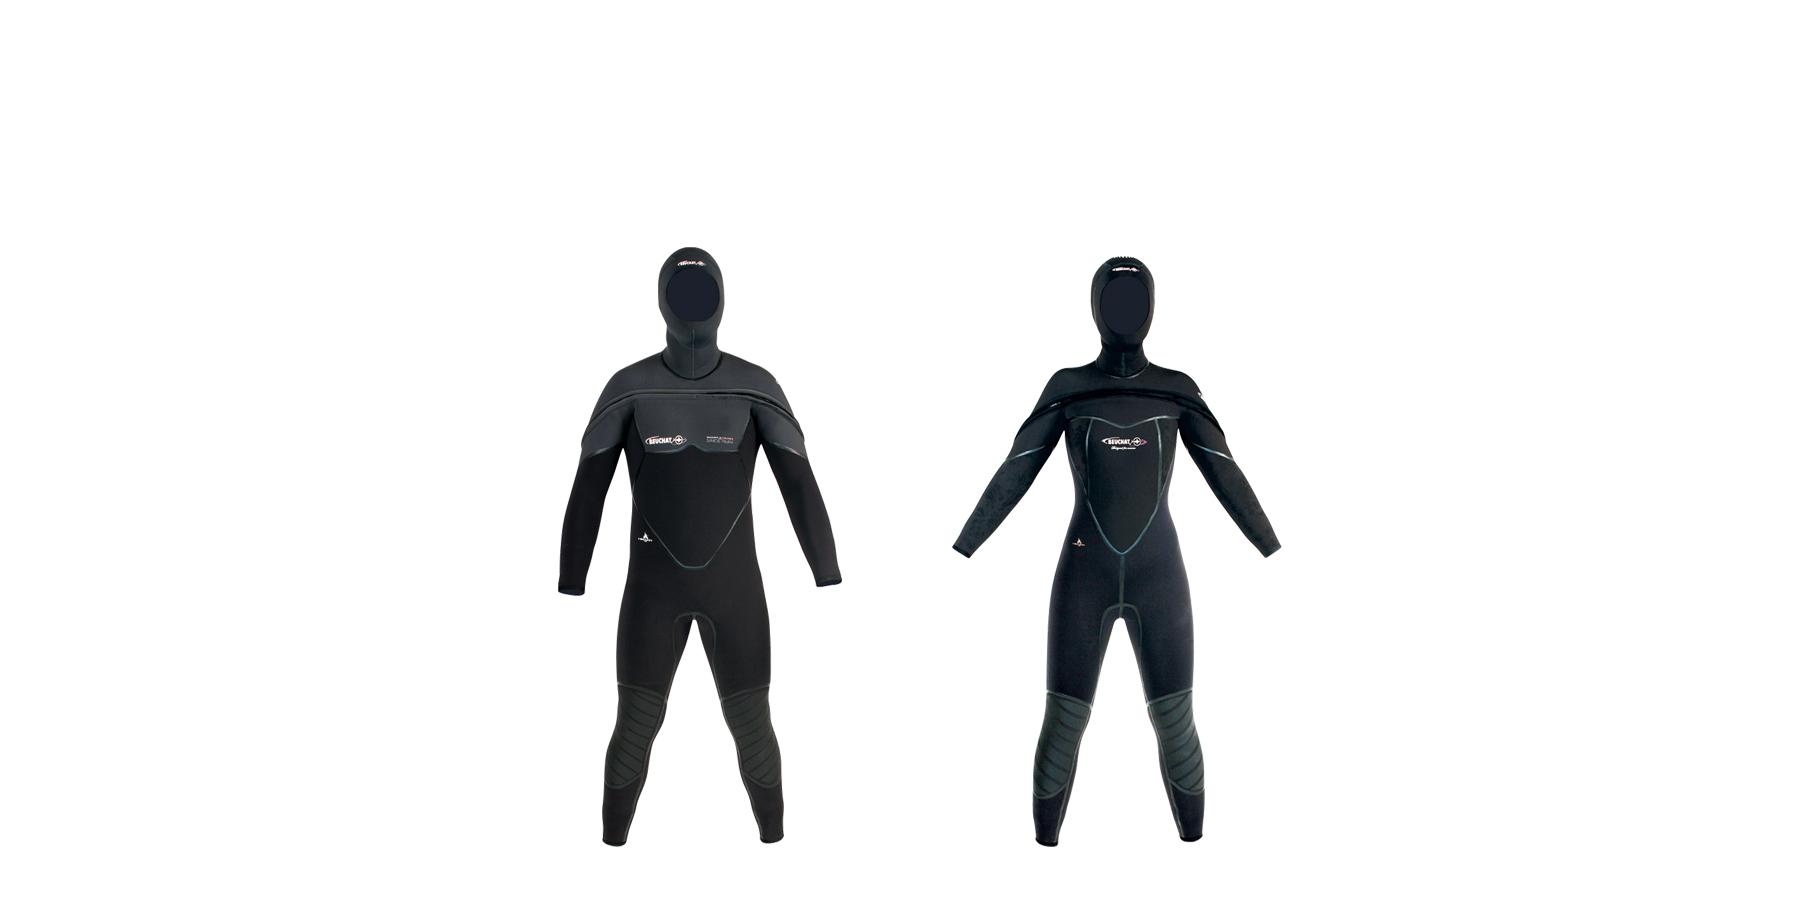 med c zip 1 - Un vêtement humide hybride chaud et confortable